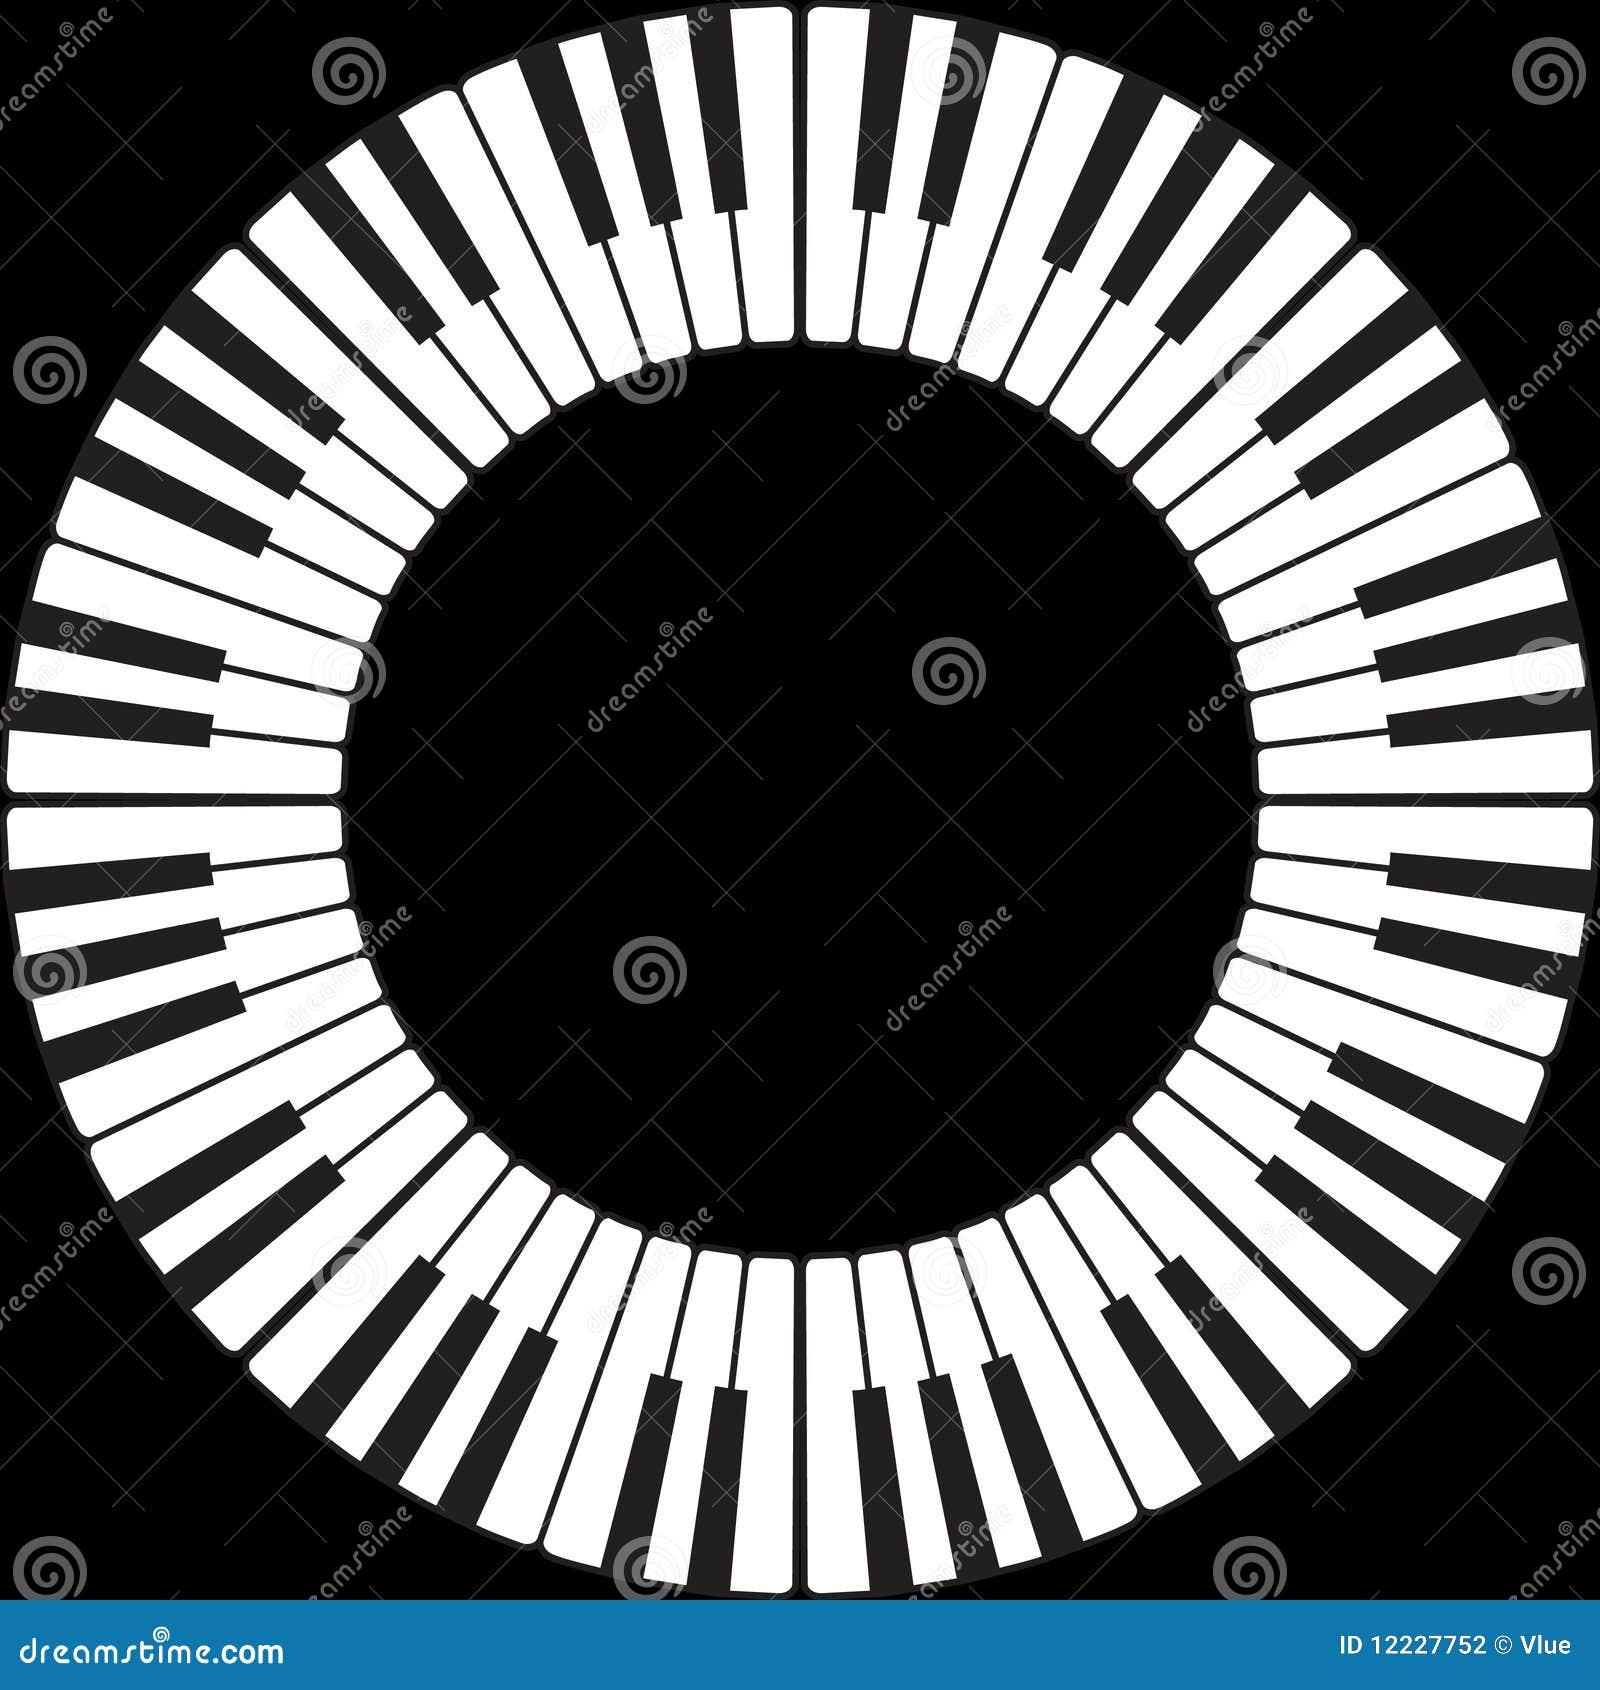 Piano keys in a circle